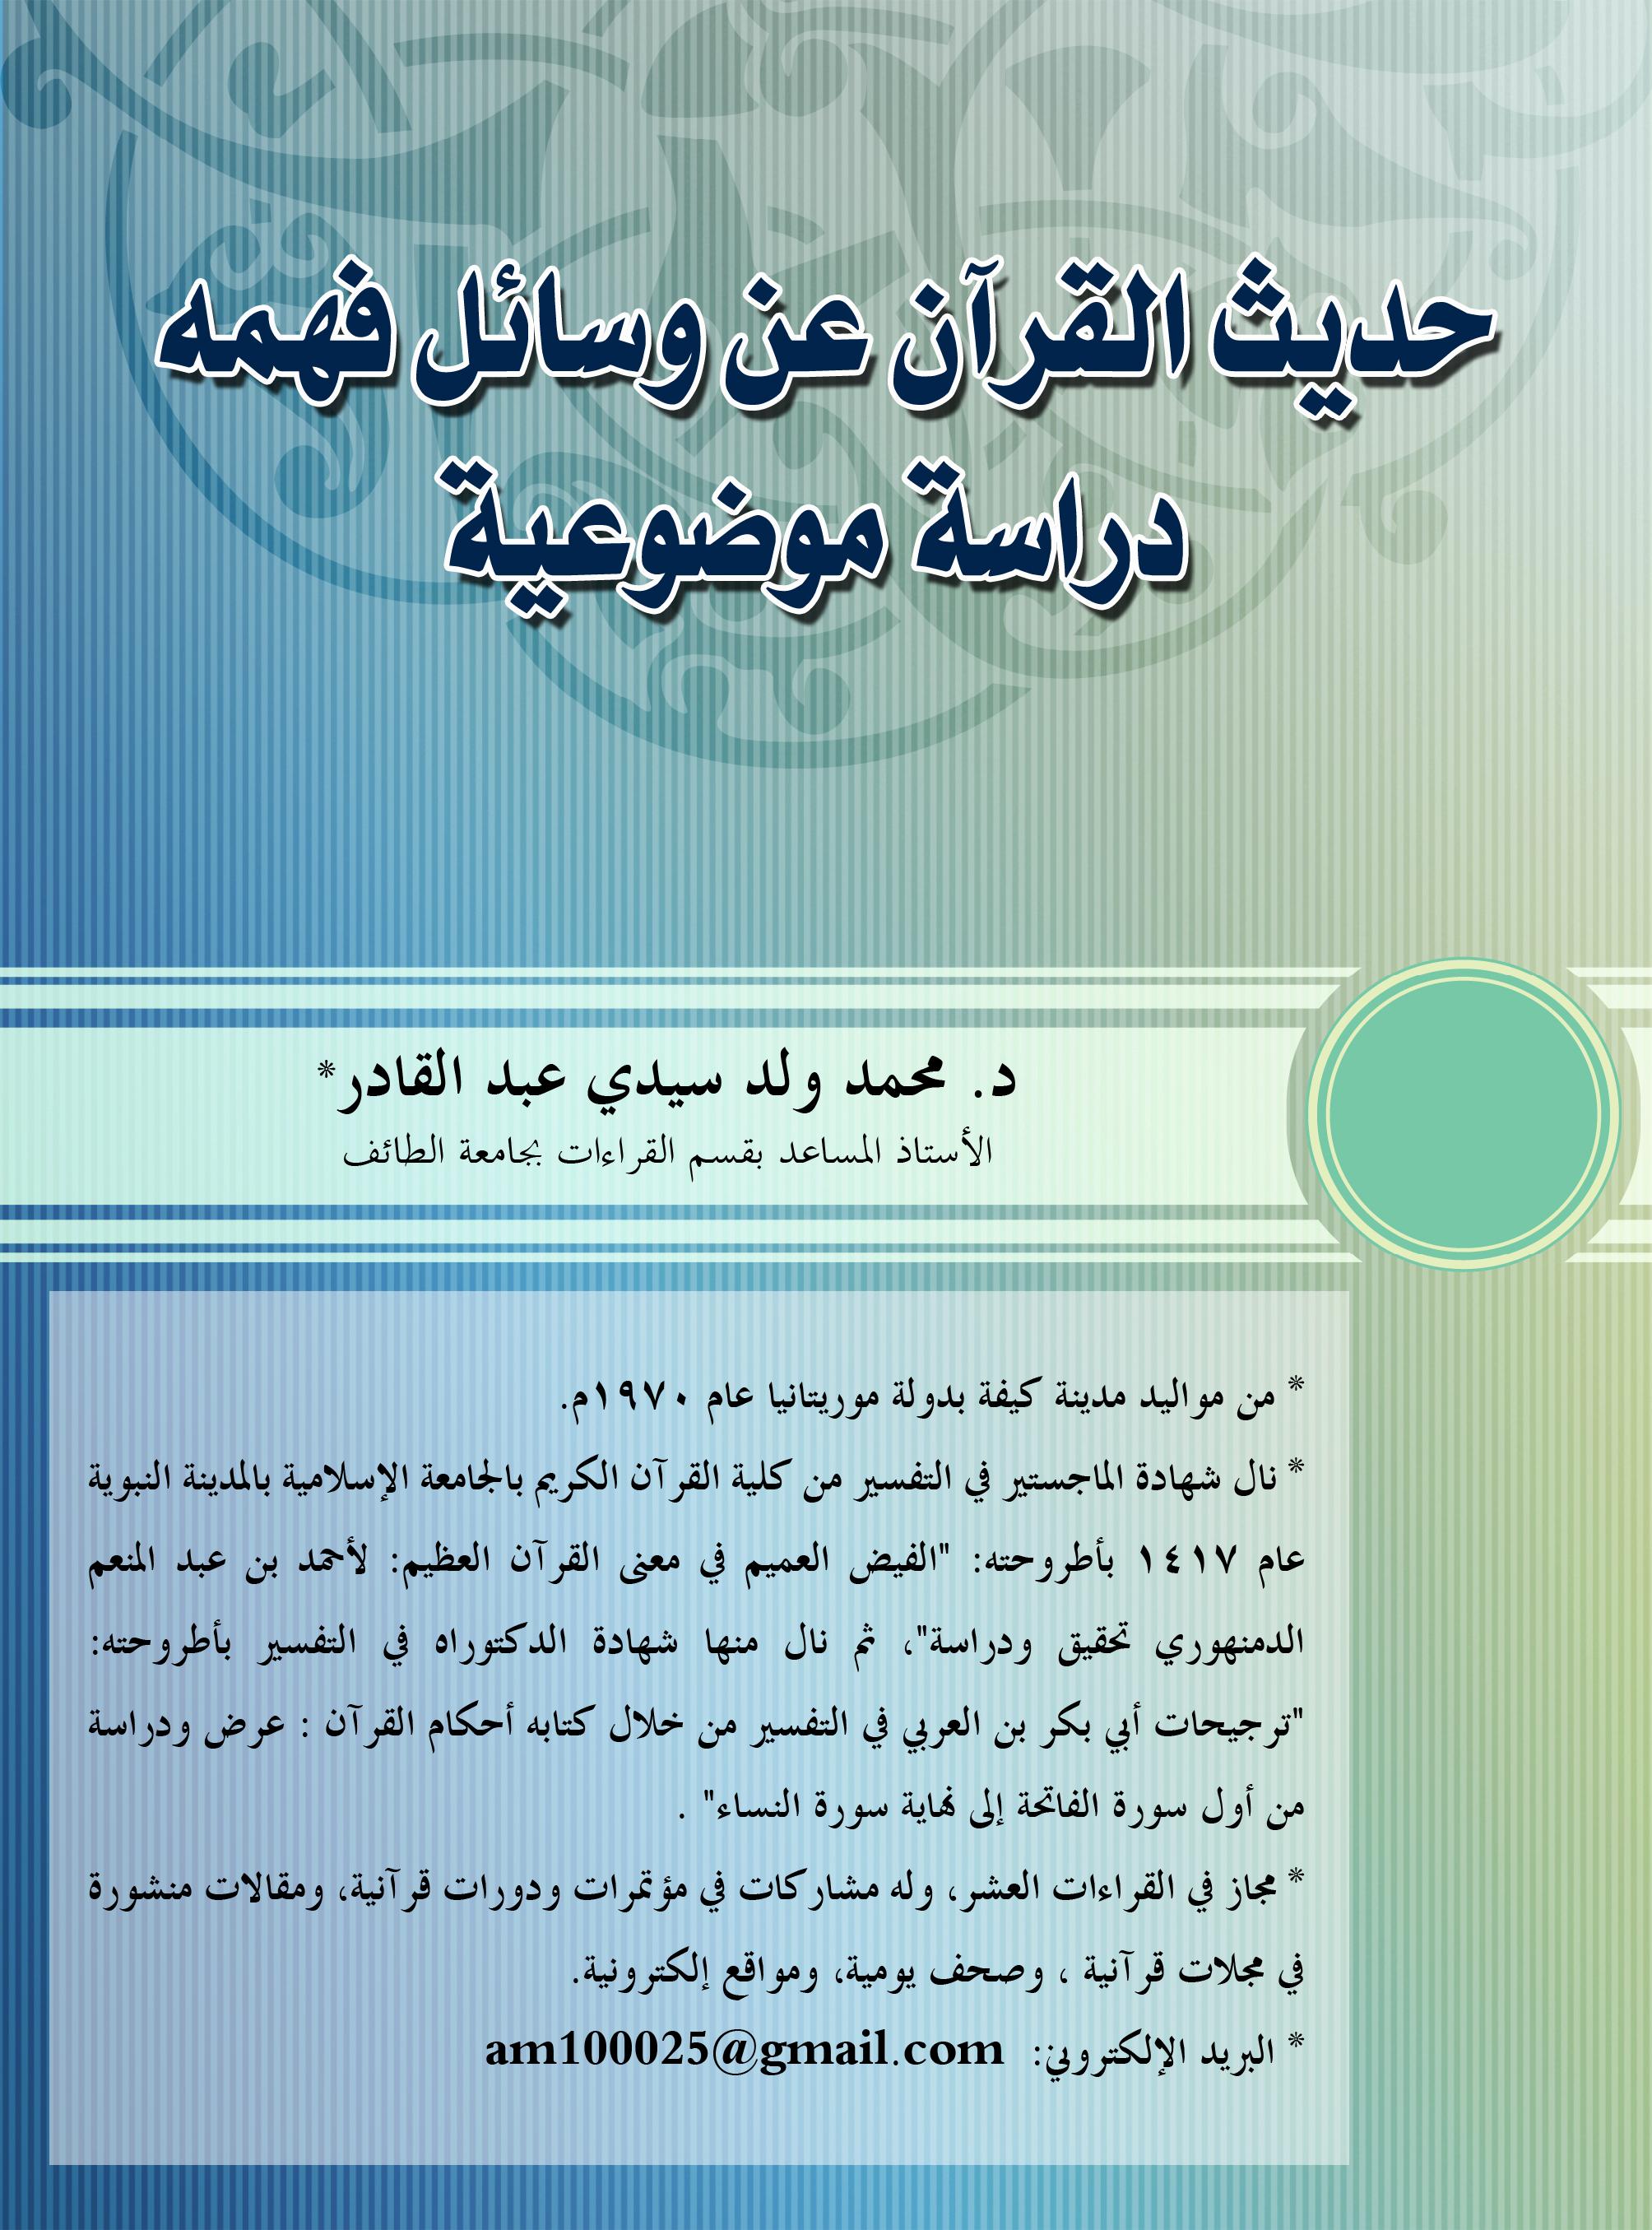 تحميل كتاب حديث القرآن عن وسائل فهمه (دراسة موضوعية) لـِ: الدكتور محمد ولد سيدي عبد القادر